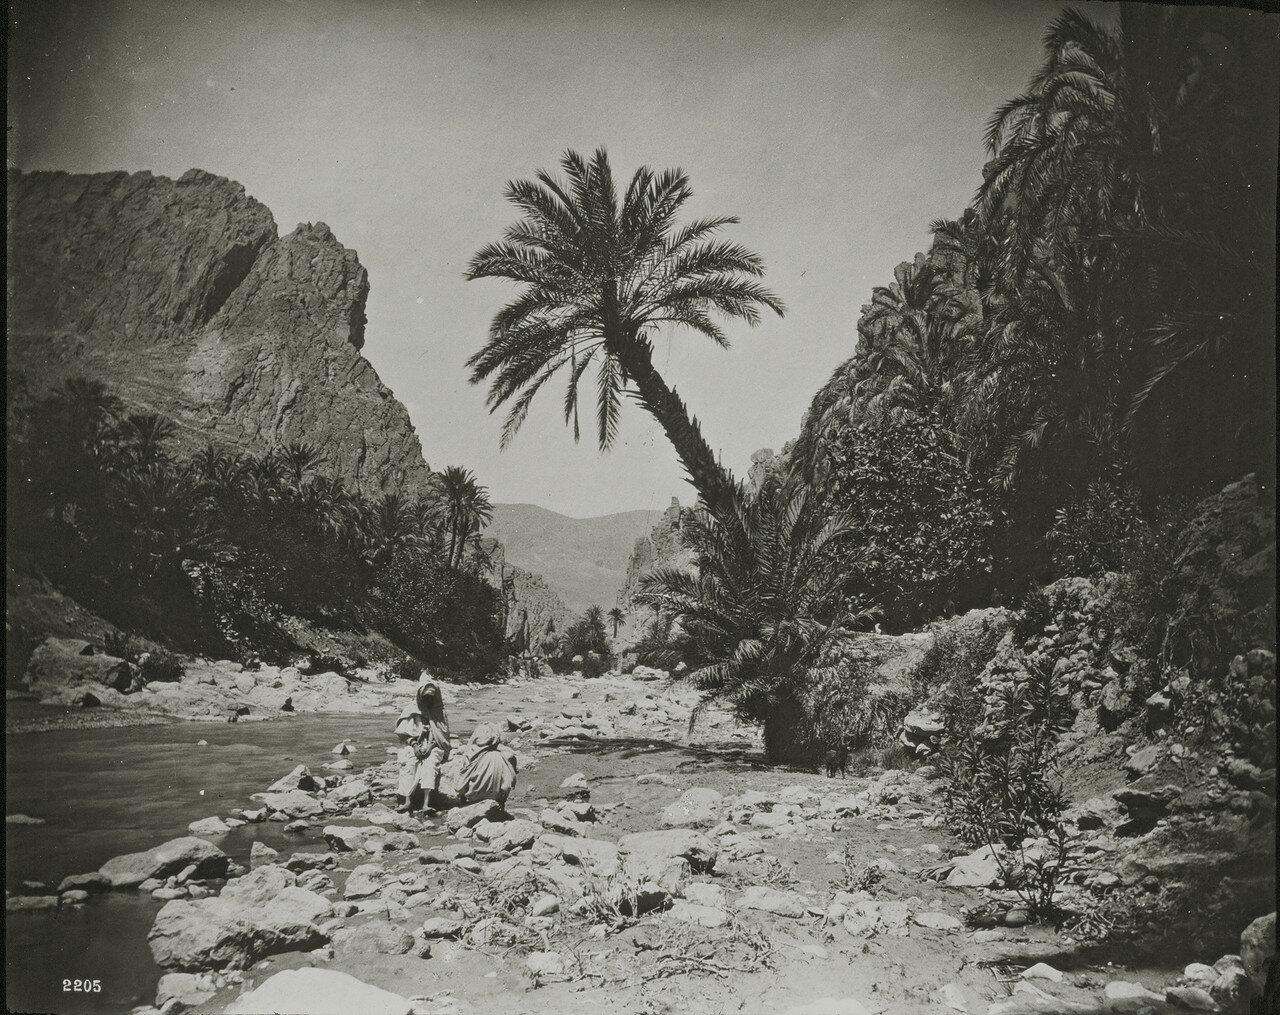 Ущелье в Эль-Кантаре, Алжир